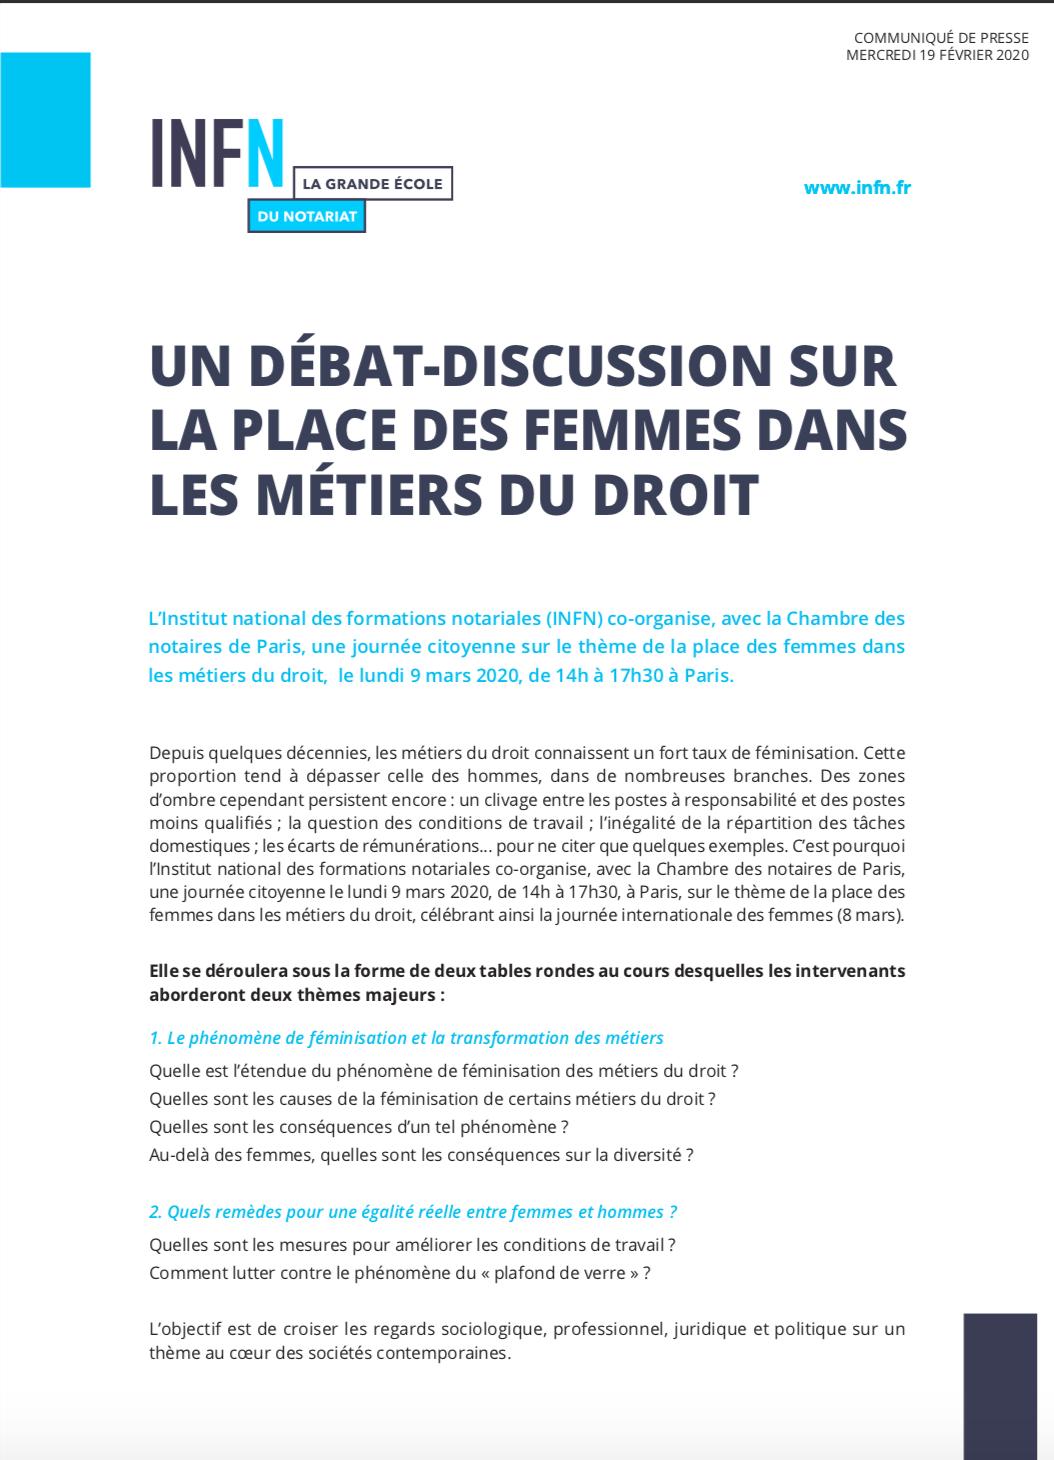 communiqué débat place des femmes INFN